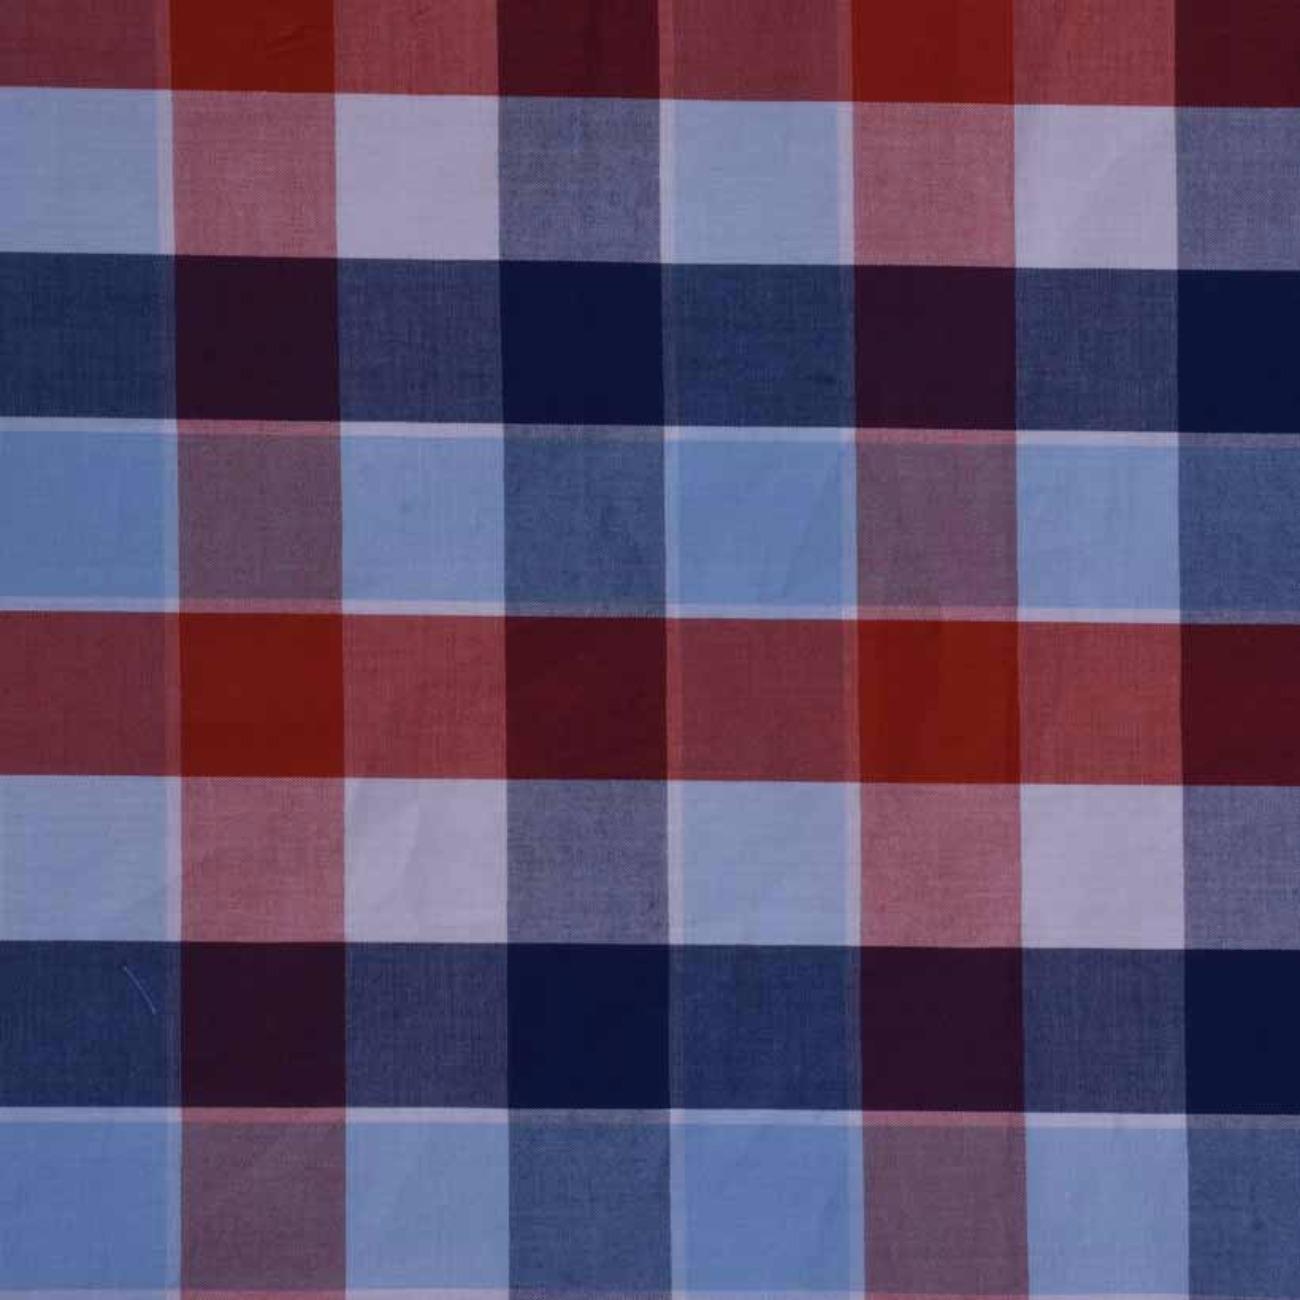 现货格子梭织色织低弹休闲时尚风格衬衫连衣裙 短裙 棉感  60929-58